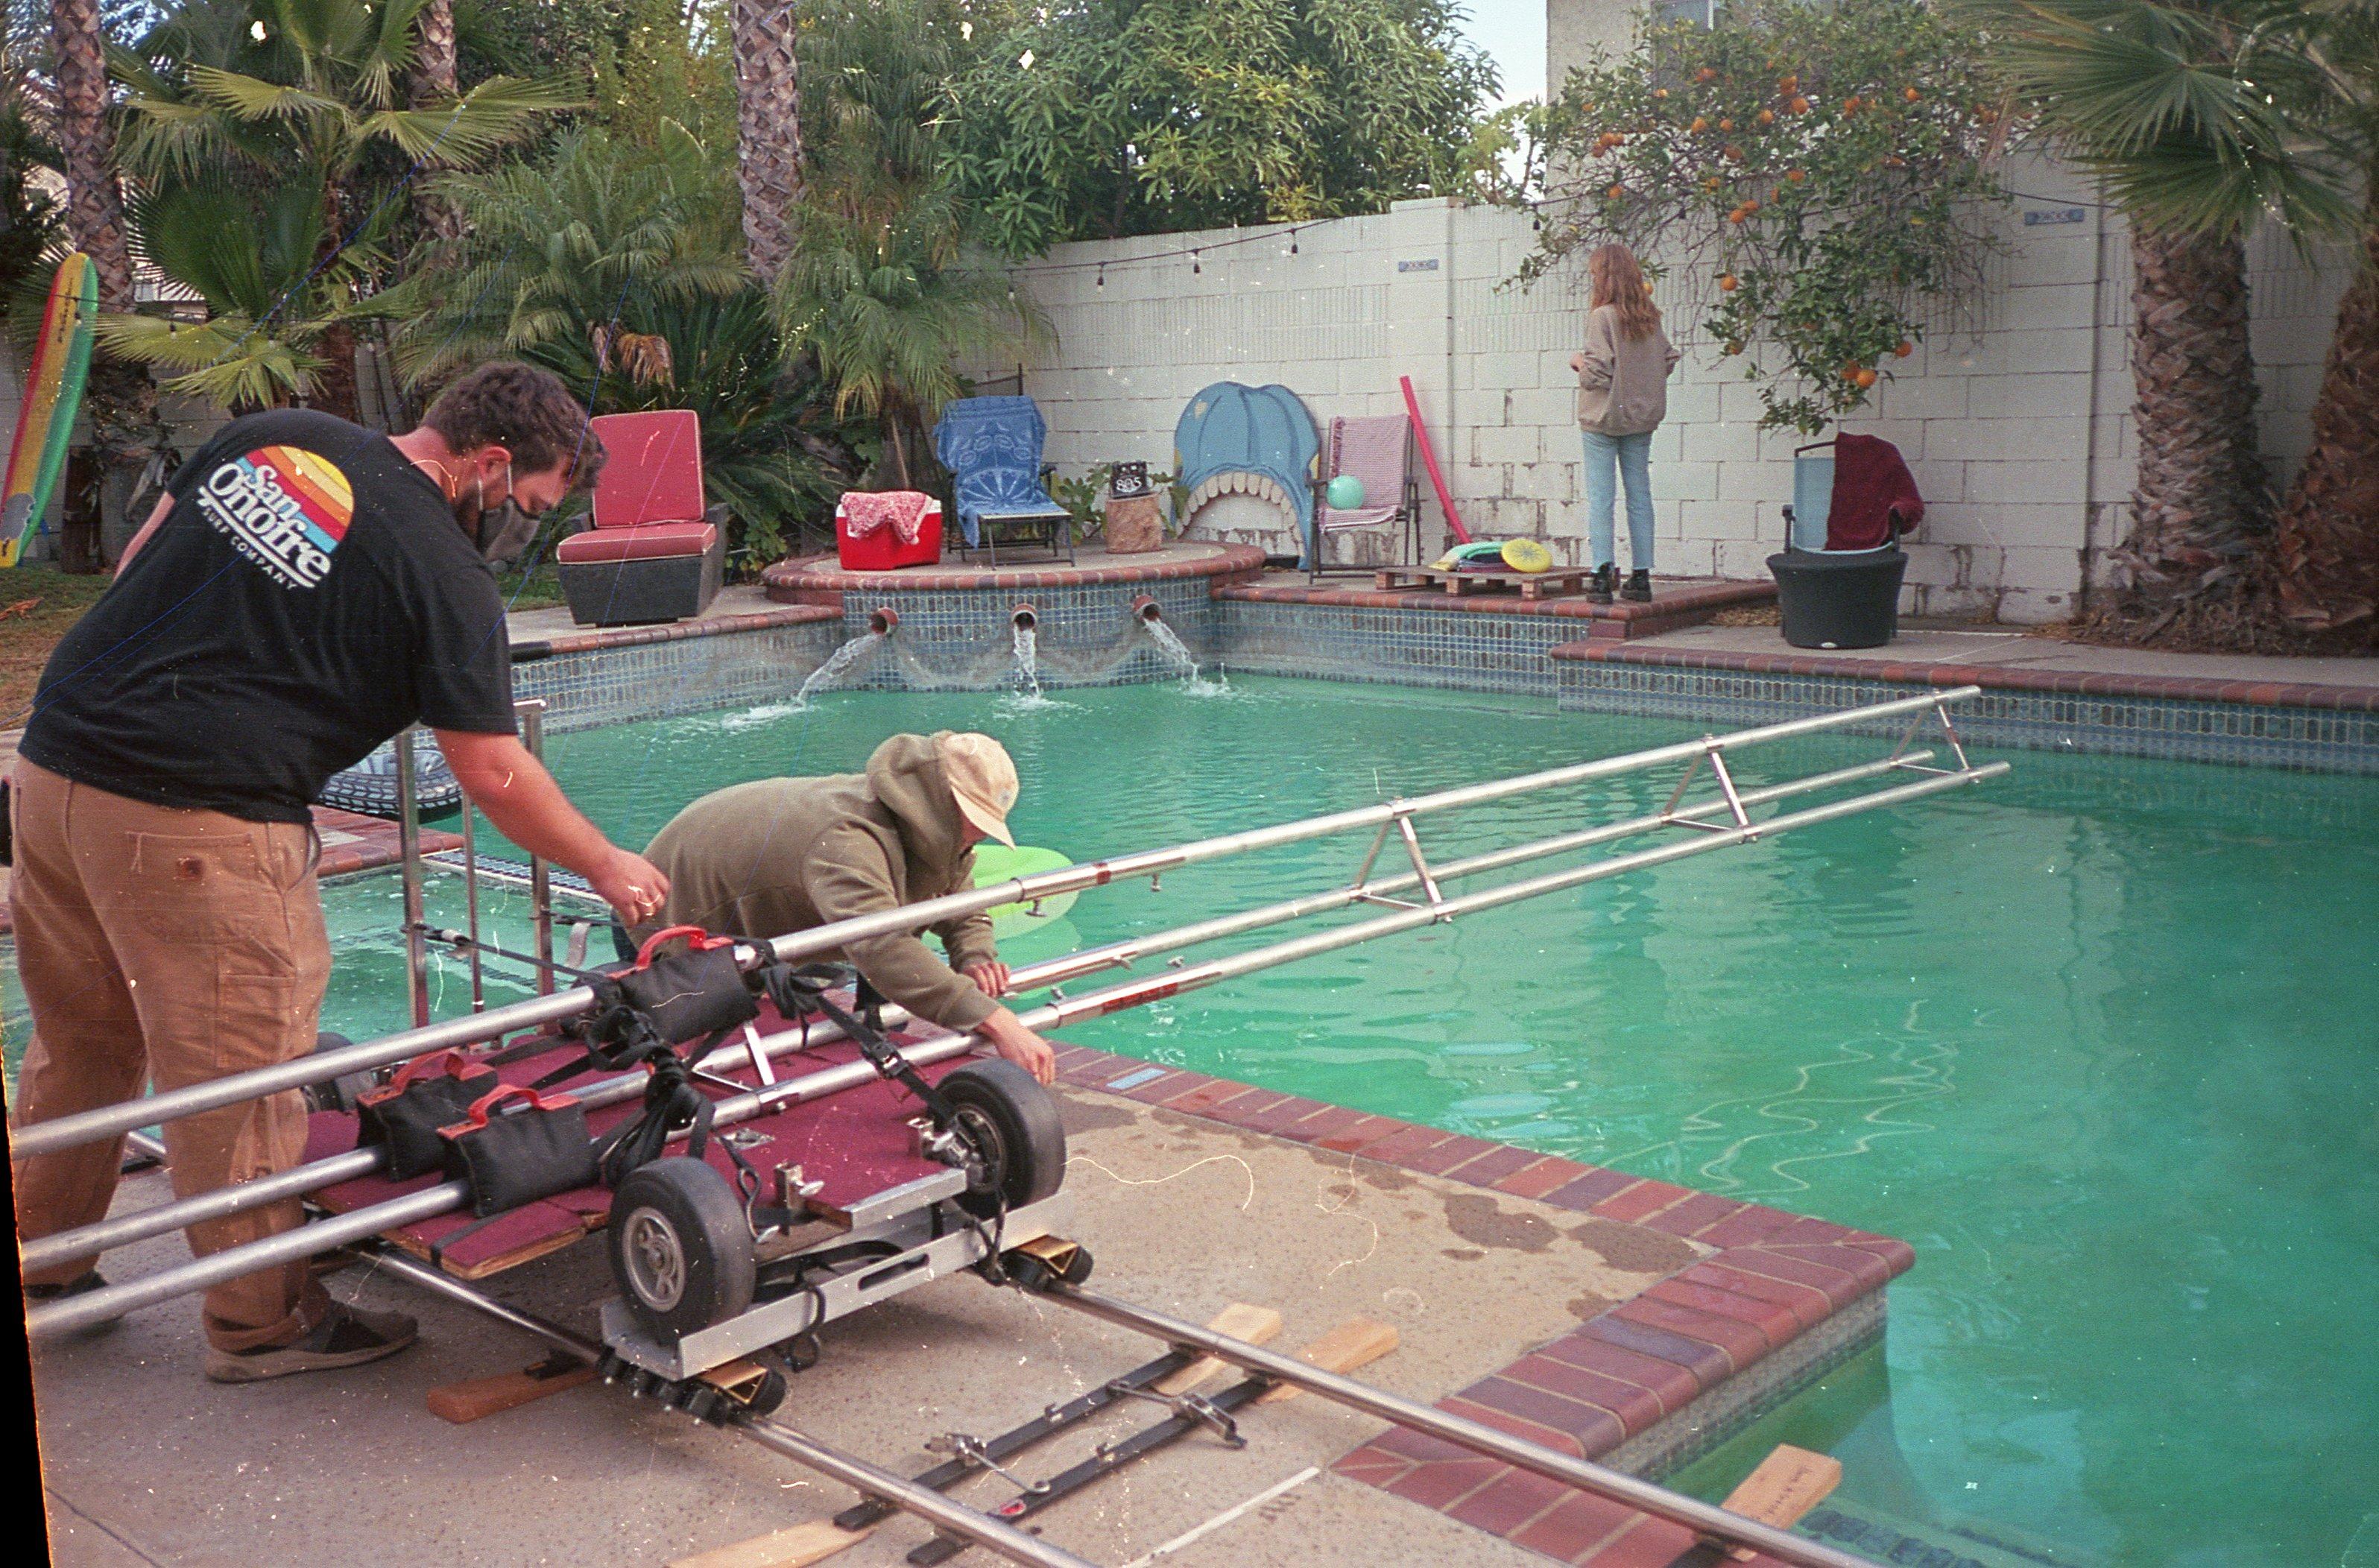 Underwater pool rig Genie